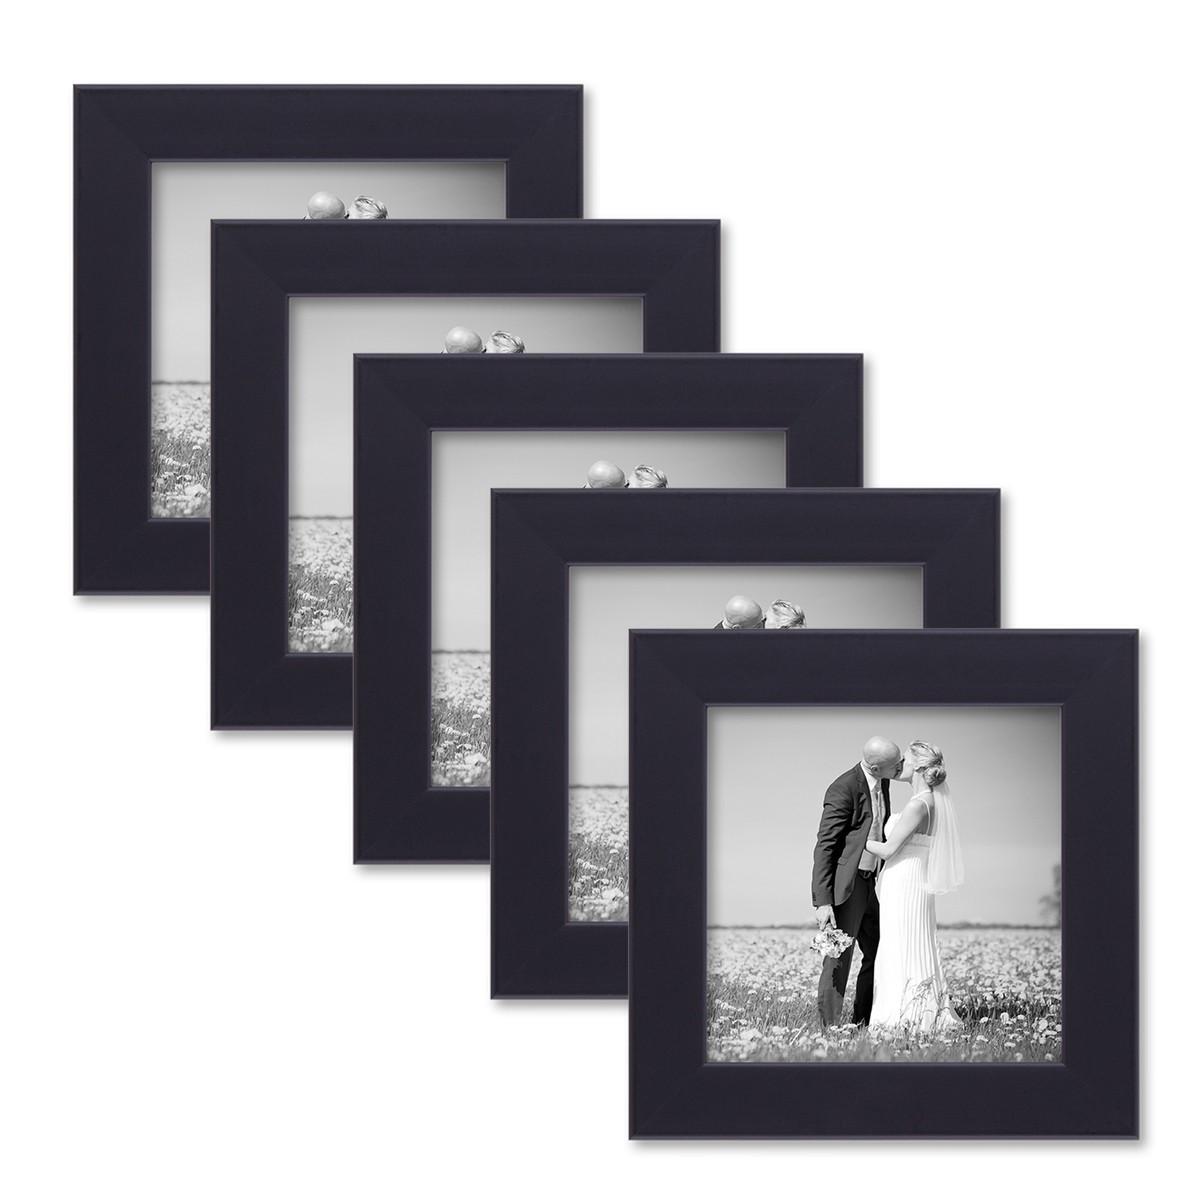 5er set bilderrahmen 10x10 cm schwarz modern aus mdf mit. Black Bedroom Furniture Sets. Home Design Ideas